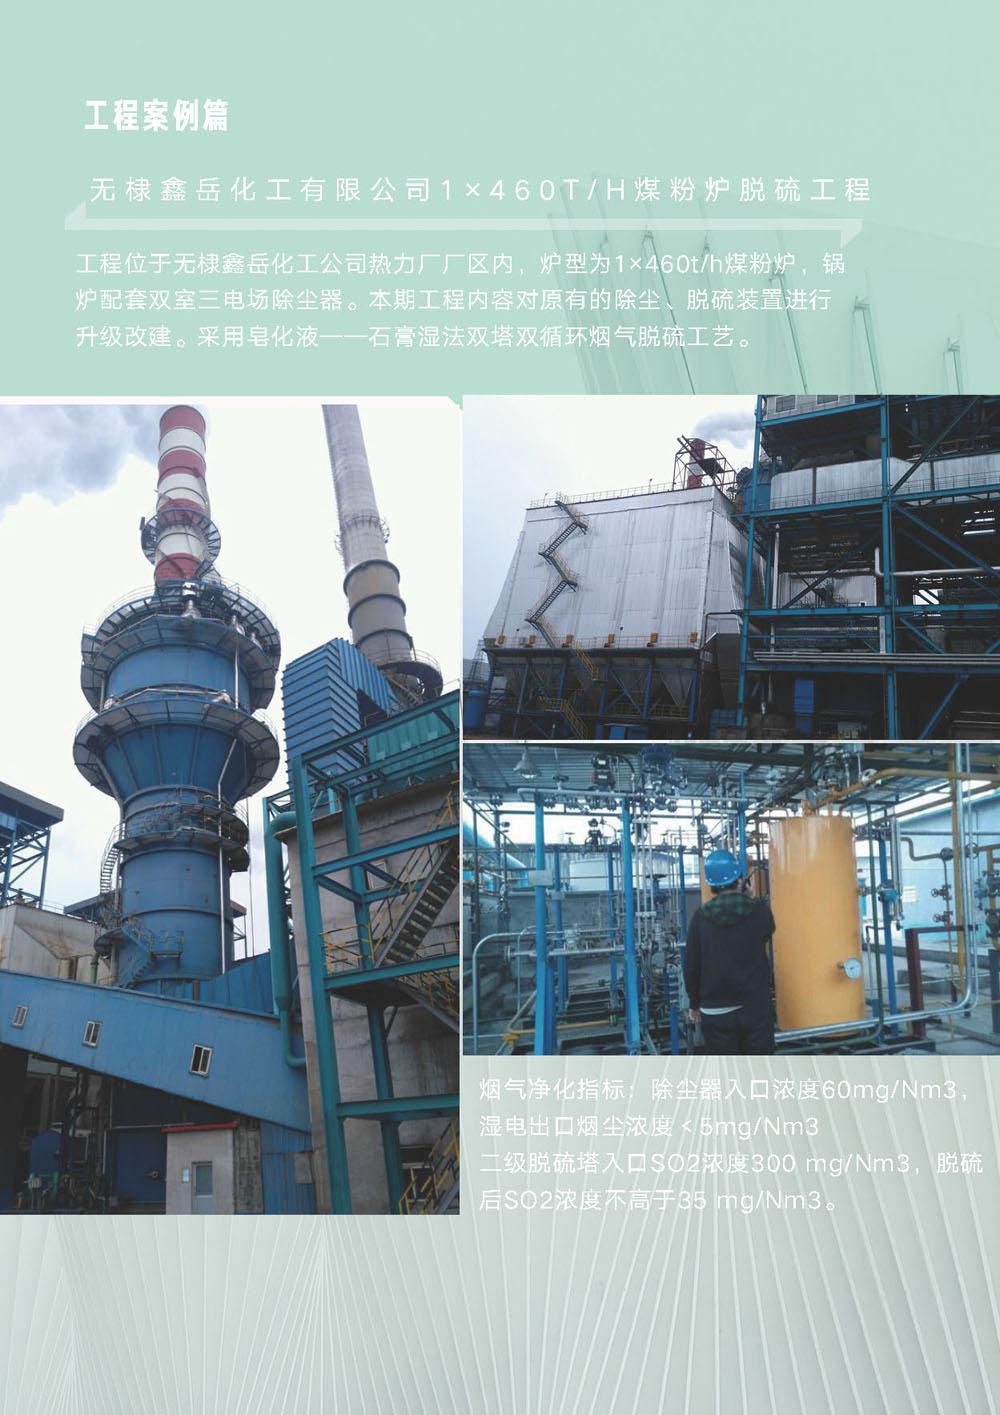 无棣鑫岳化工有限公司460t/h锅炉脱硫除尘超低排放工程